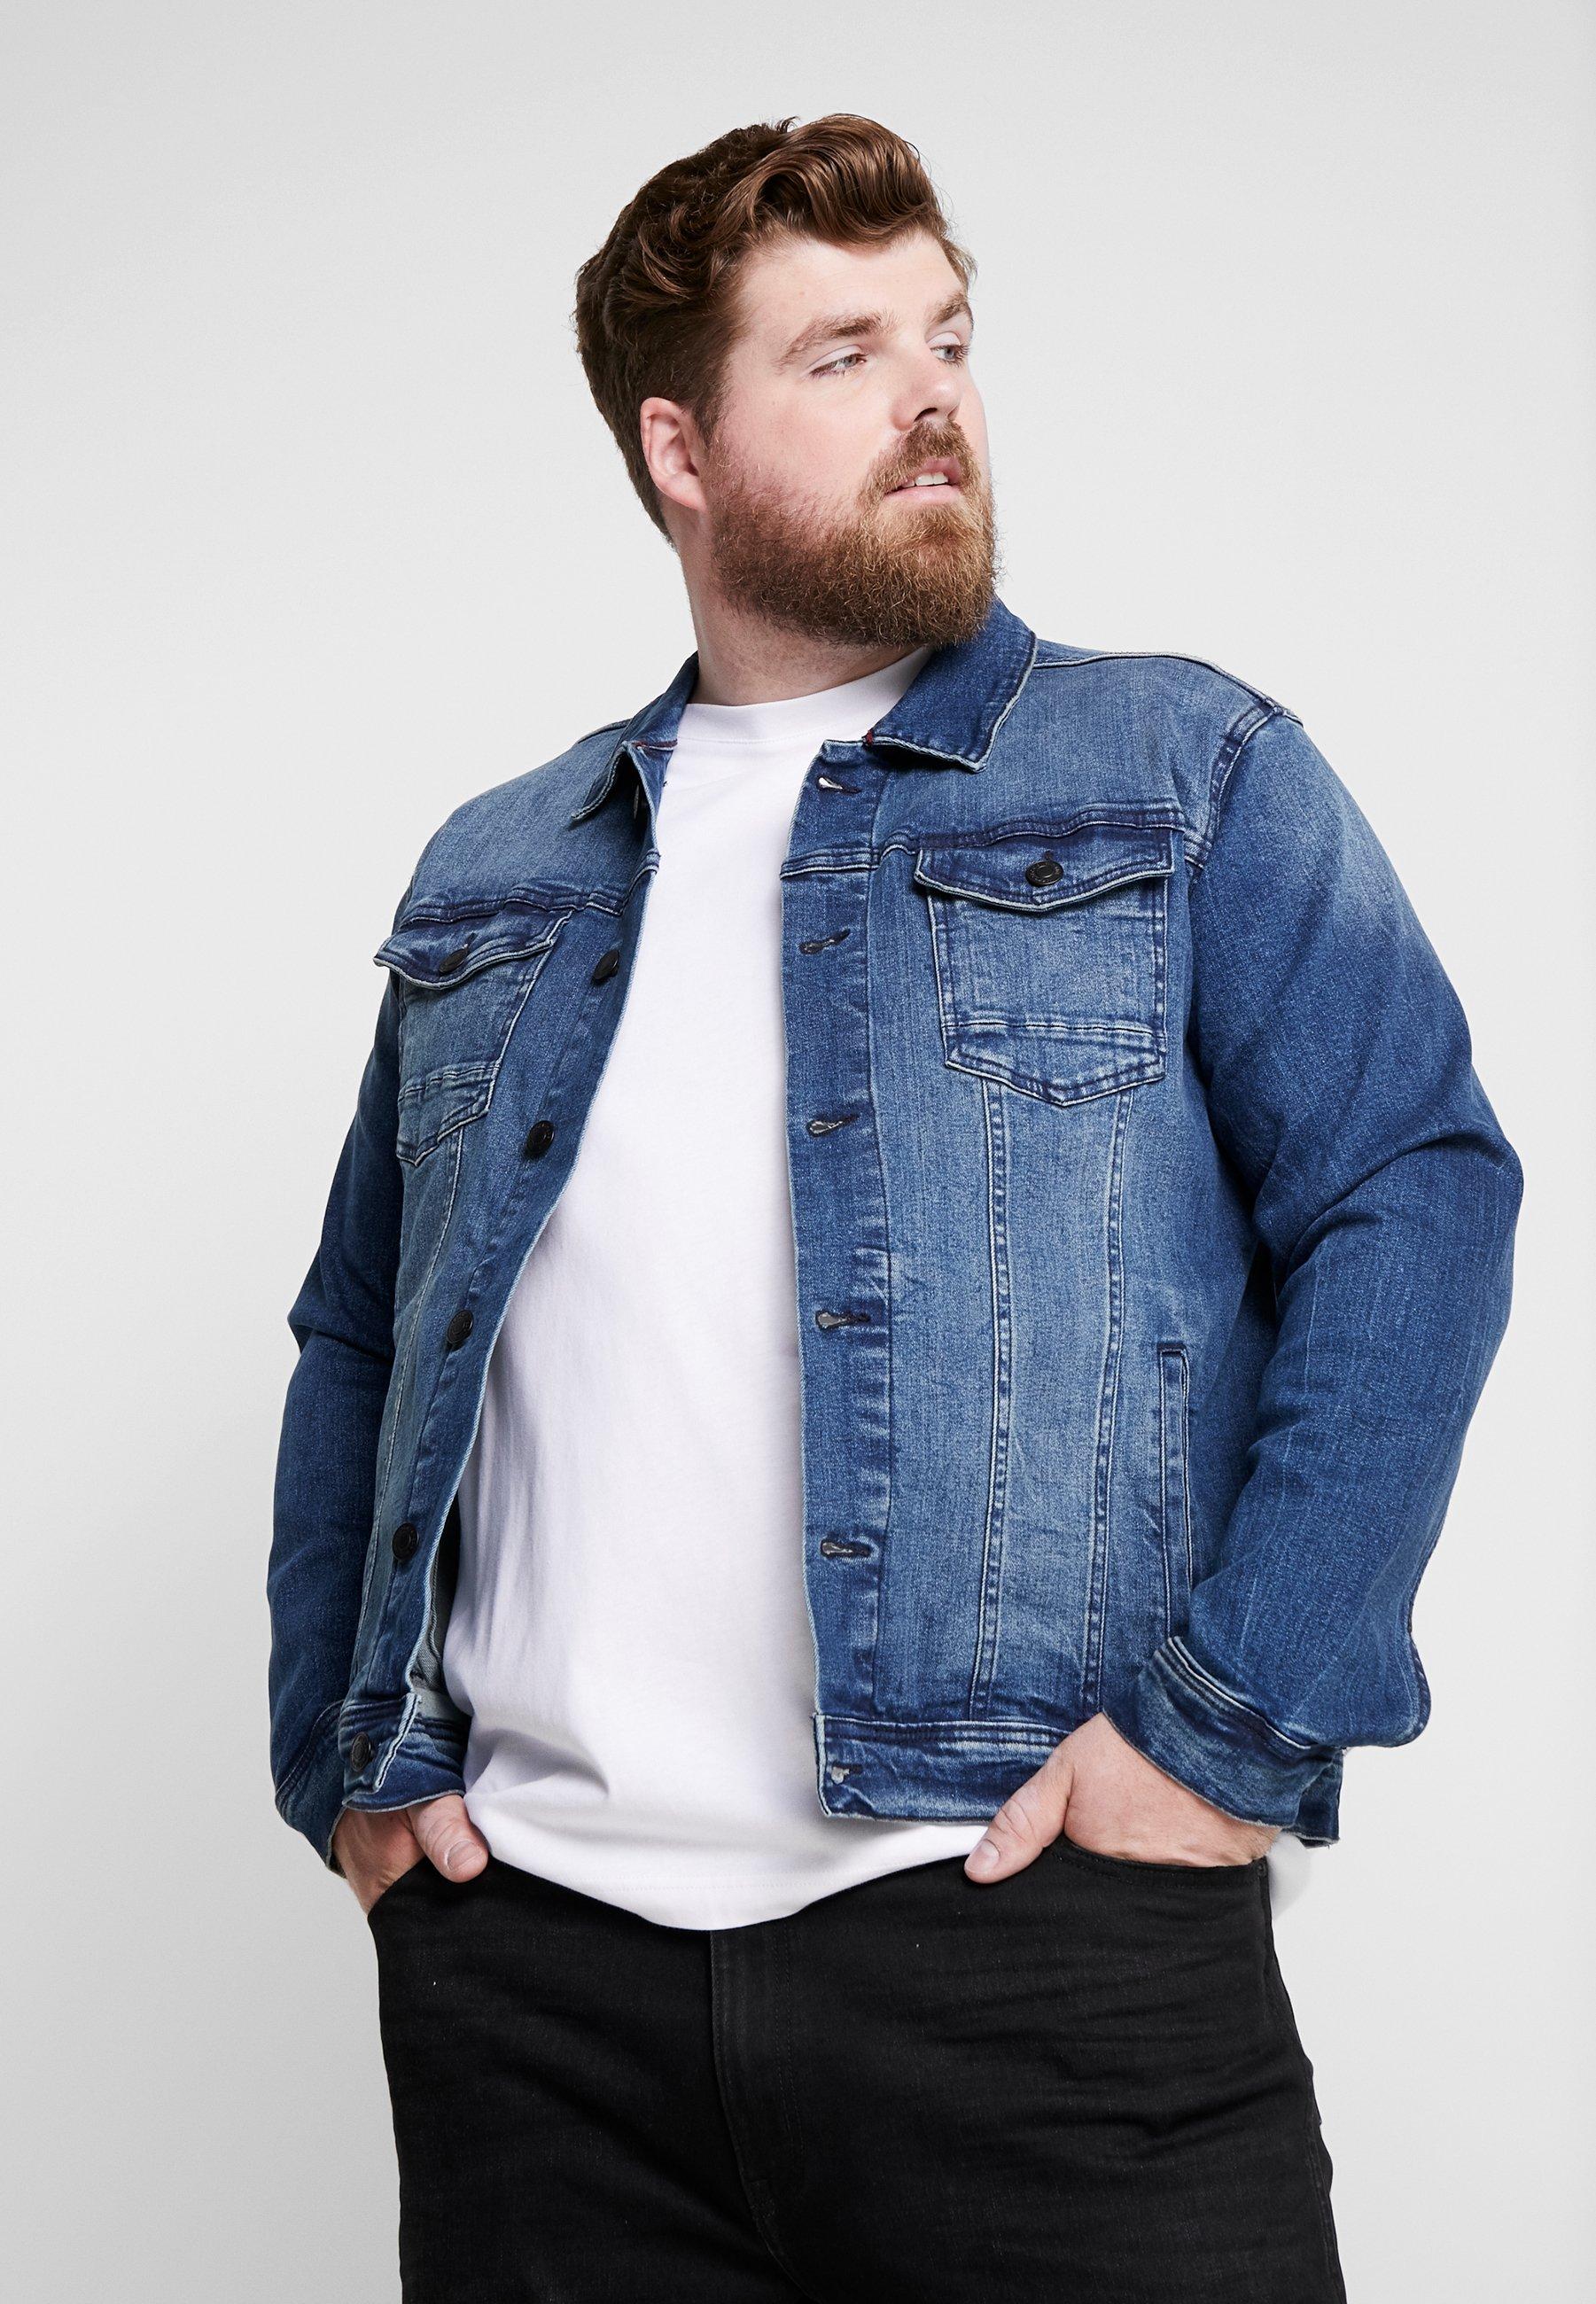 Ocea Blue En JacketVeste Jean Jack´s Sportswear kXPn08wO